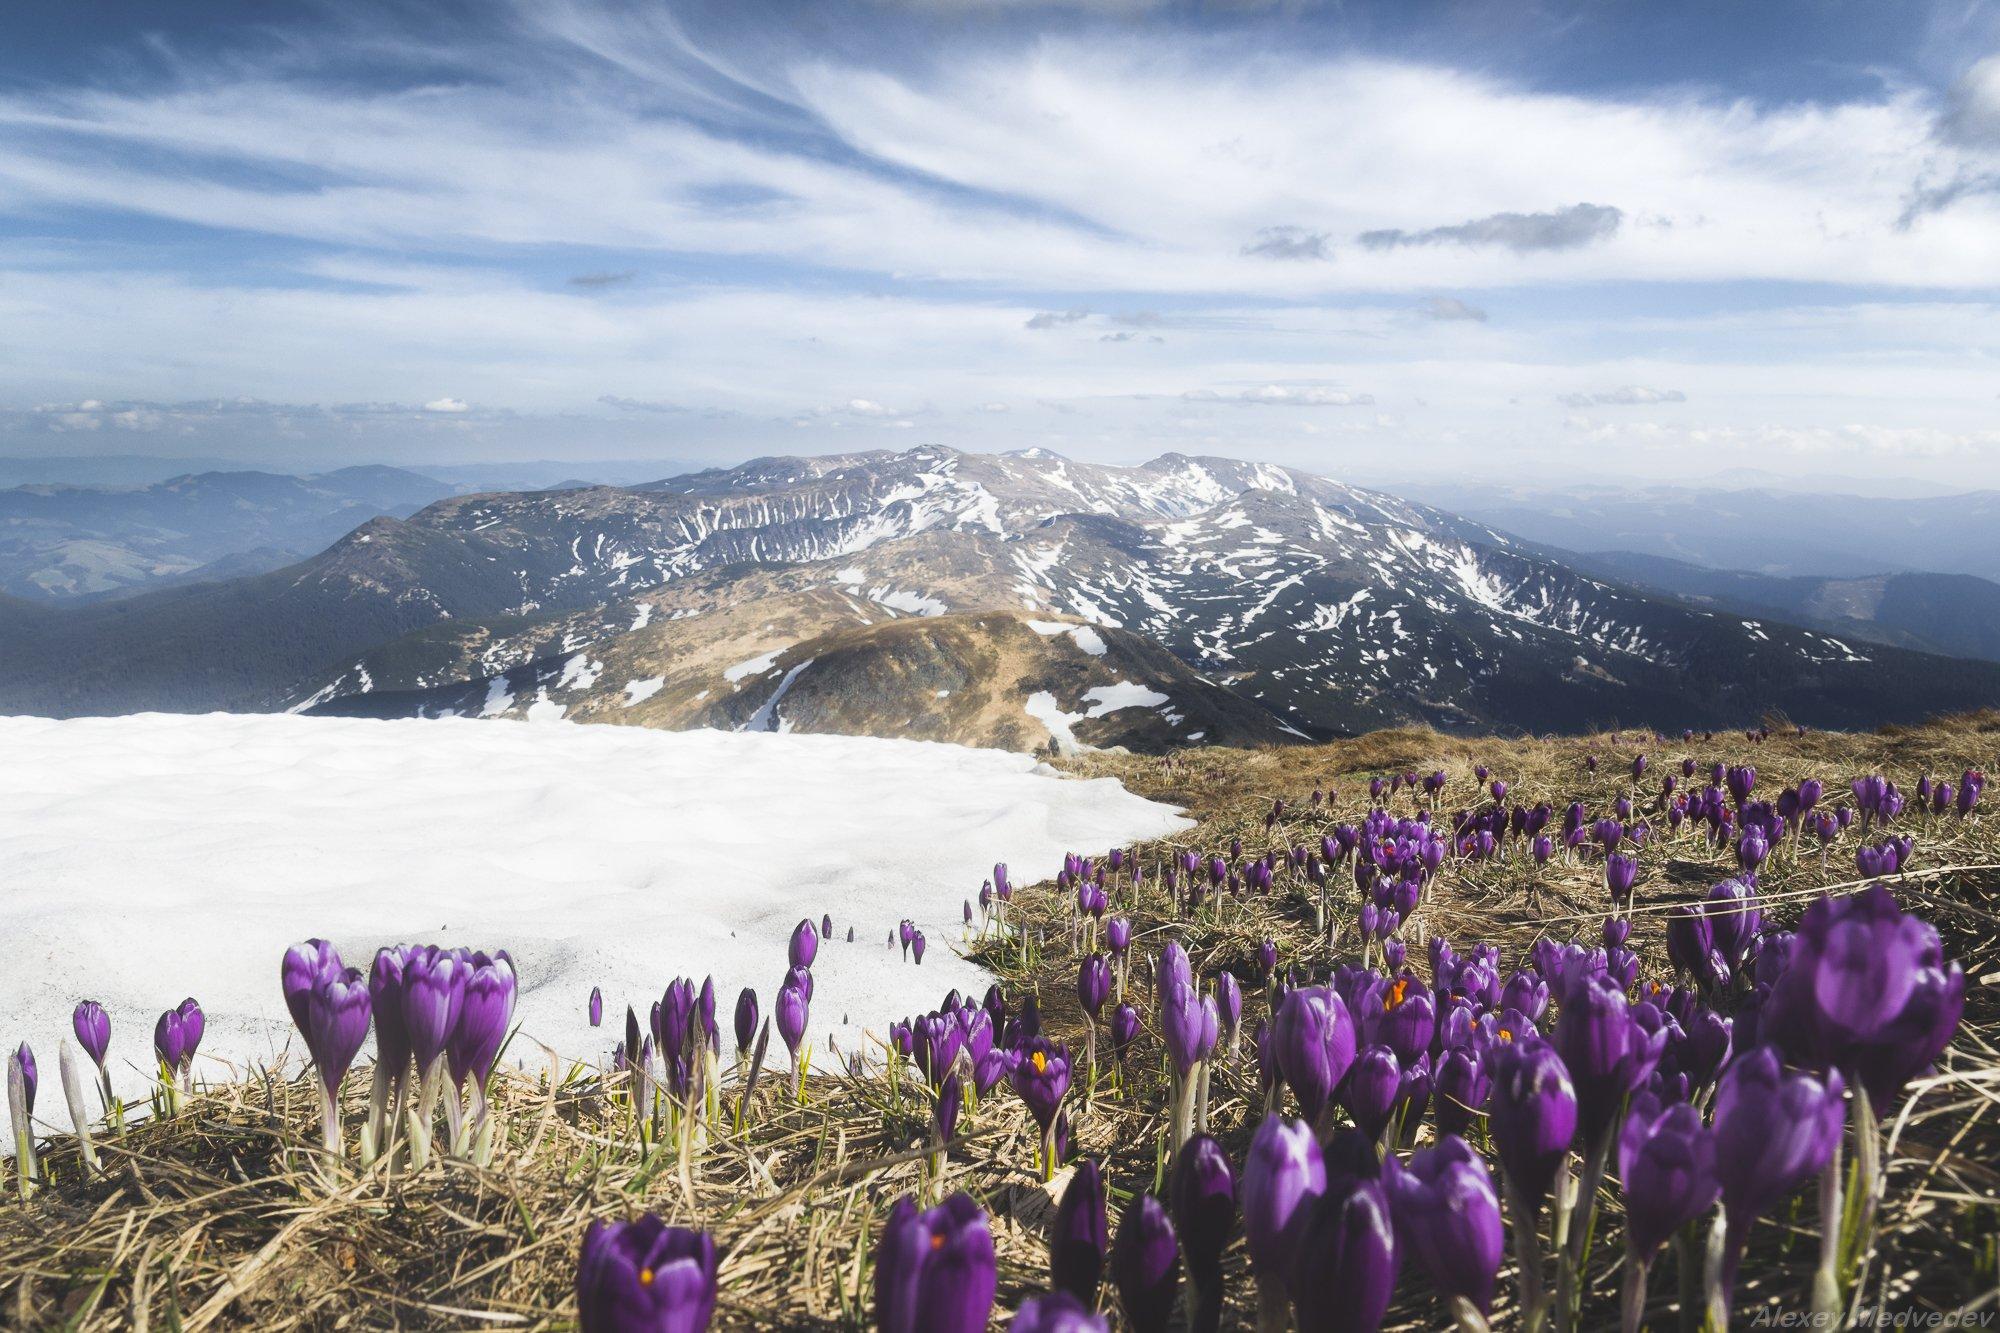 Карпаты, Украина, говерла, крокусы, май, снег, весна, Алексей Медведев